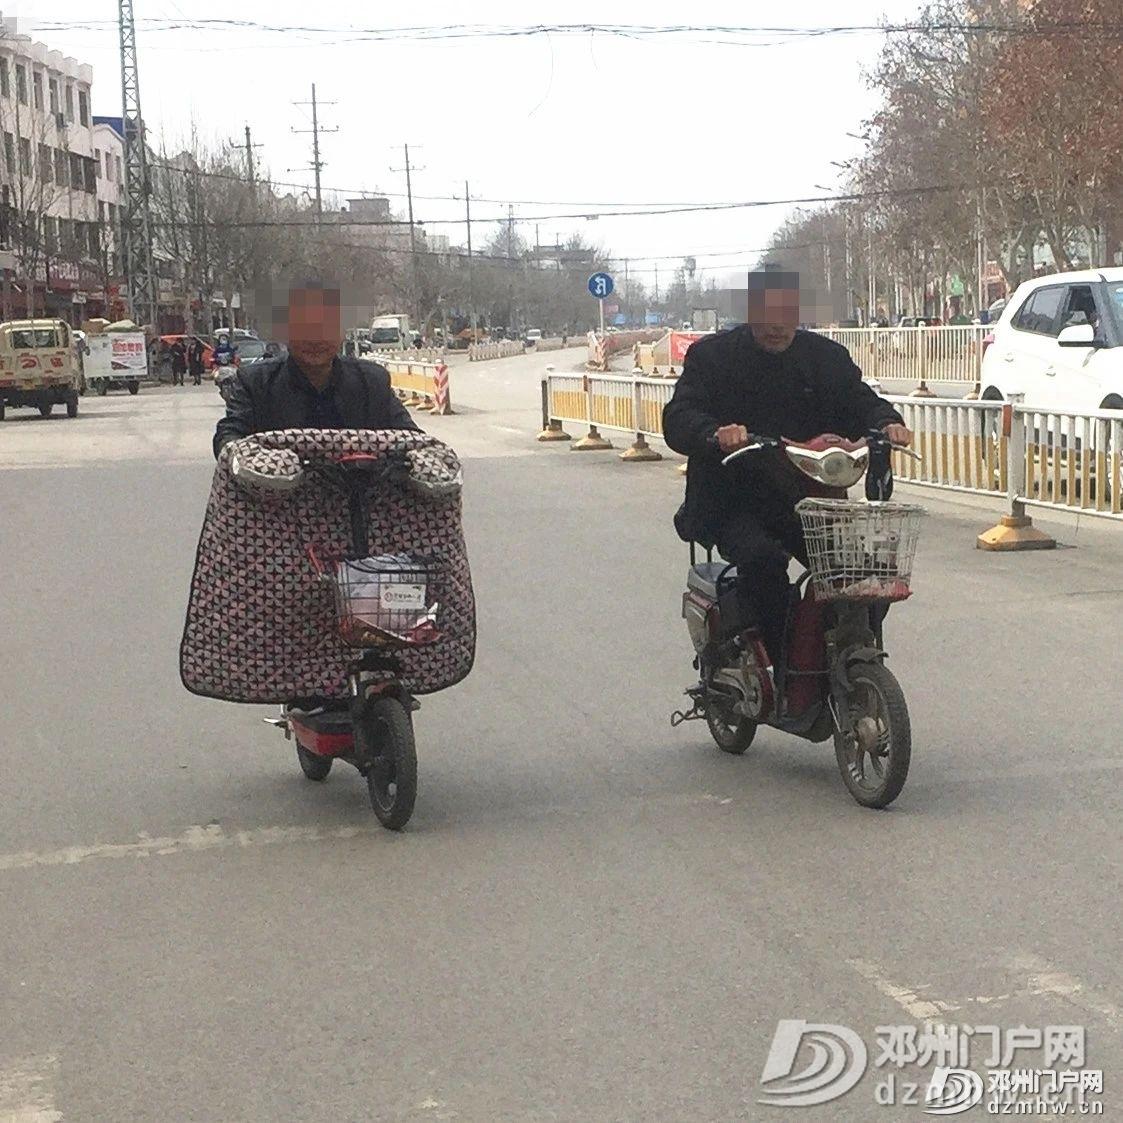 扩散!邓州与郑州郭某鹏同车厢人员曾到万德隆和这家店购物 - 邓州门户网 邓州网 - 8a9383e2c90733e42a6528ef1447b623.jpg